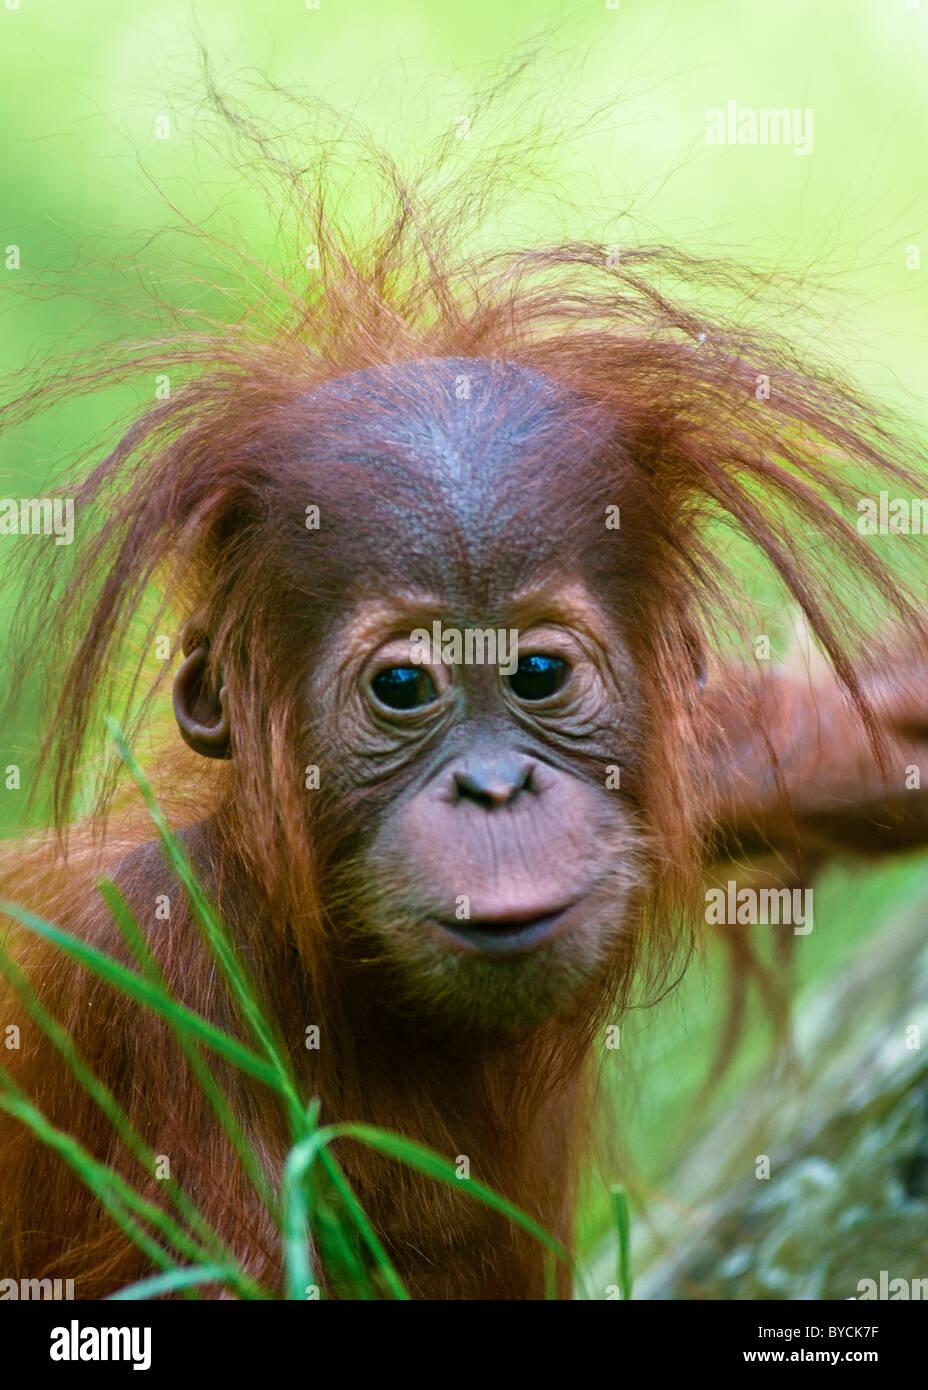 Lindo bebé orangután (Pongo pygmaeus) hasta cerrar con el contacto visual. Imagen De Stock